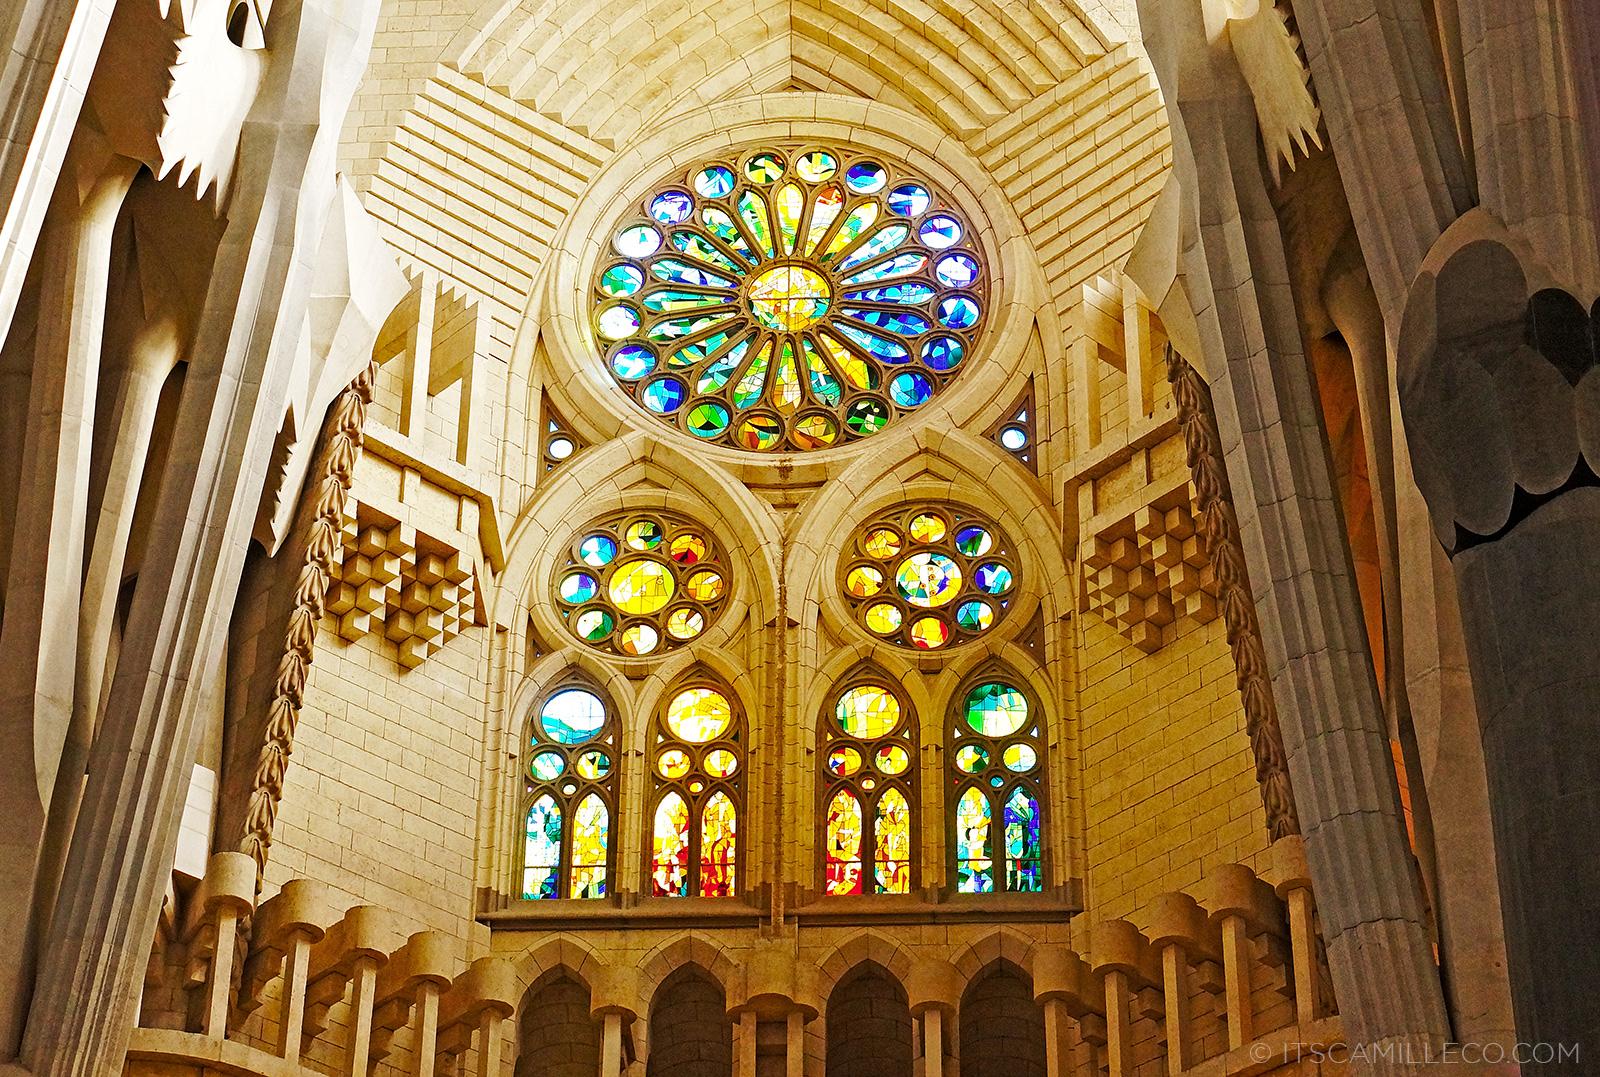 Barcelona la sagrada familia barri g tic and more for La sagrada familia interior